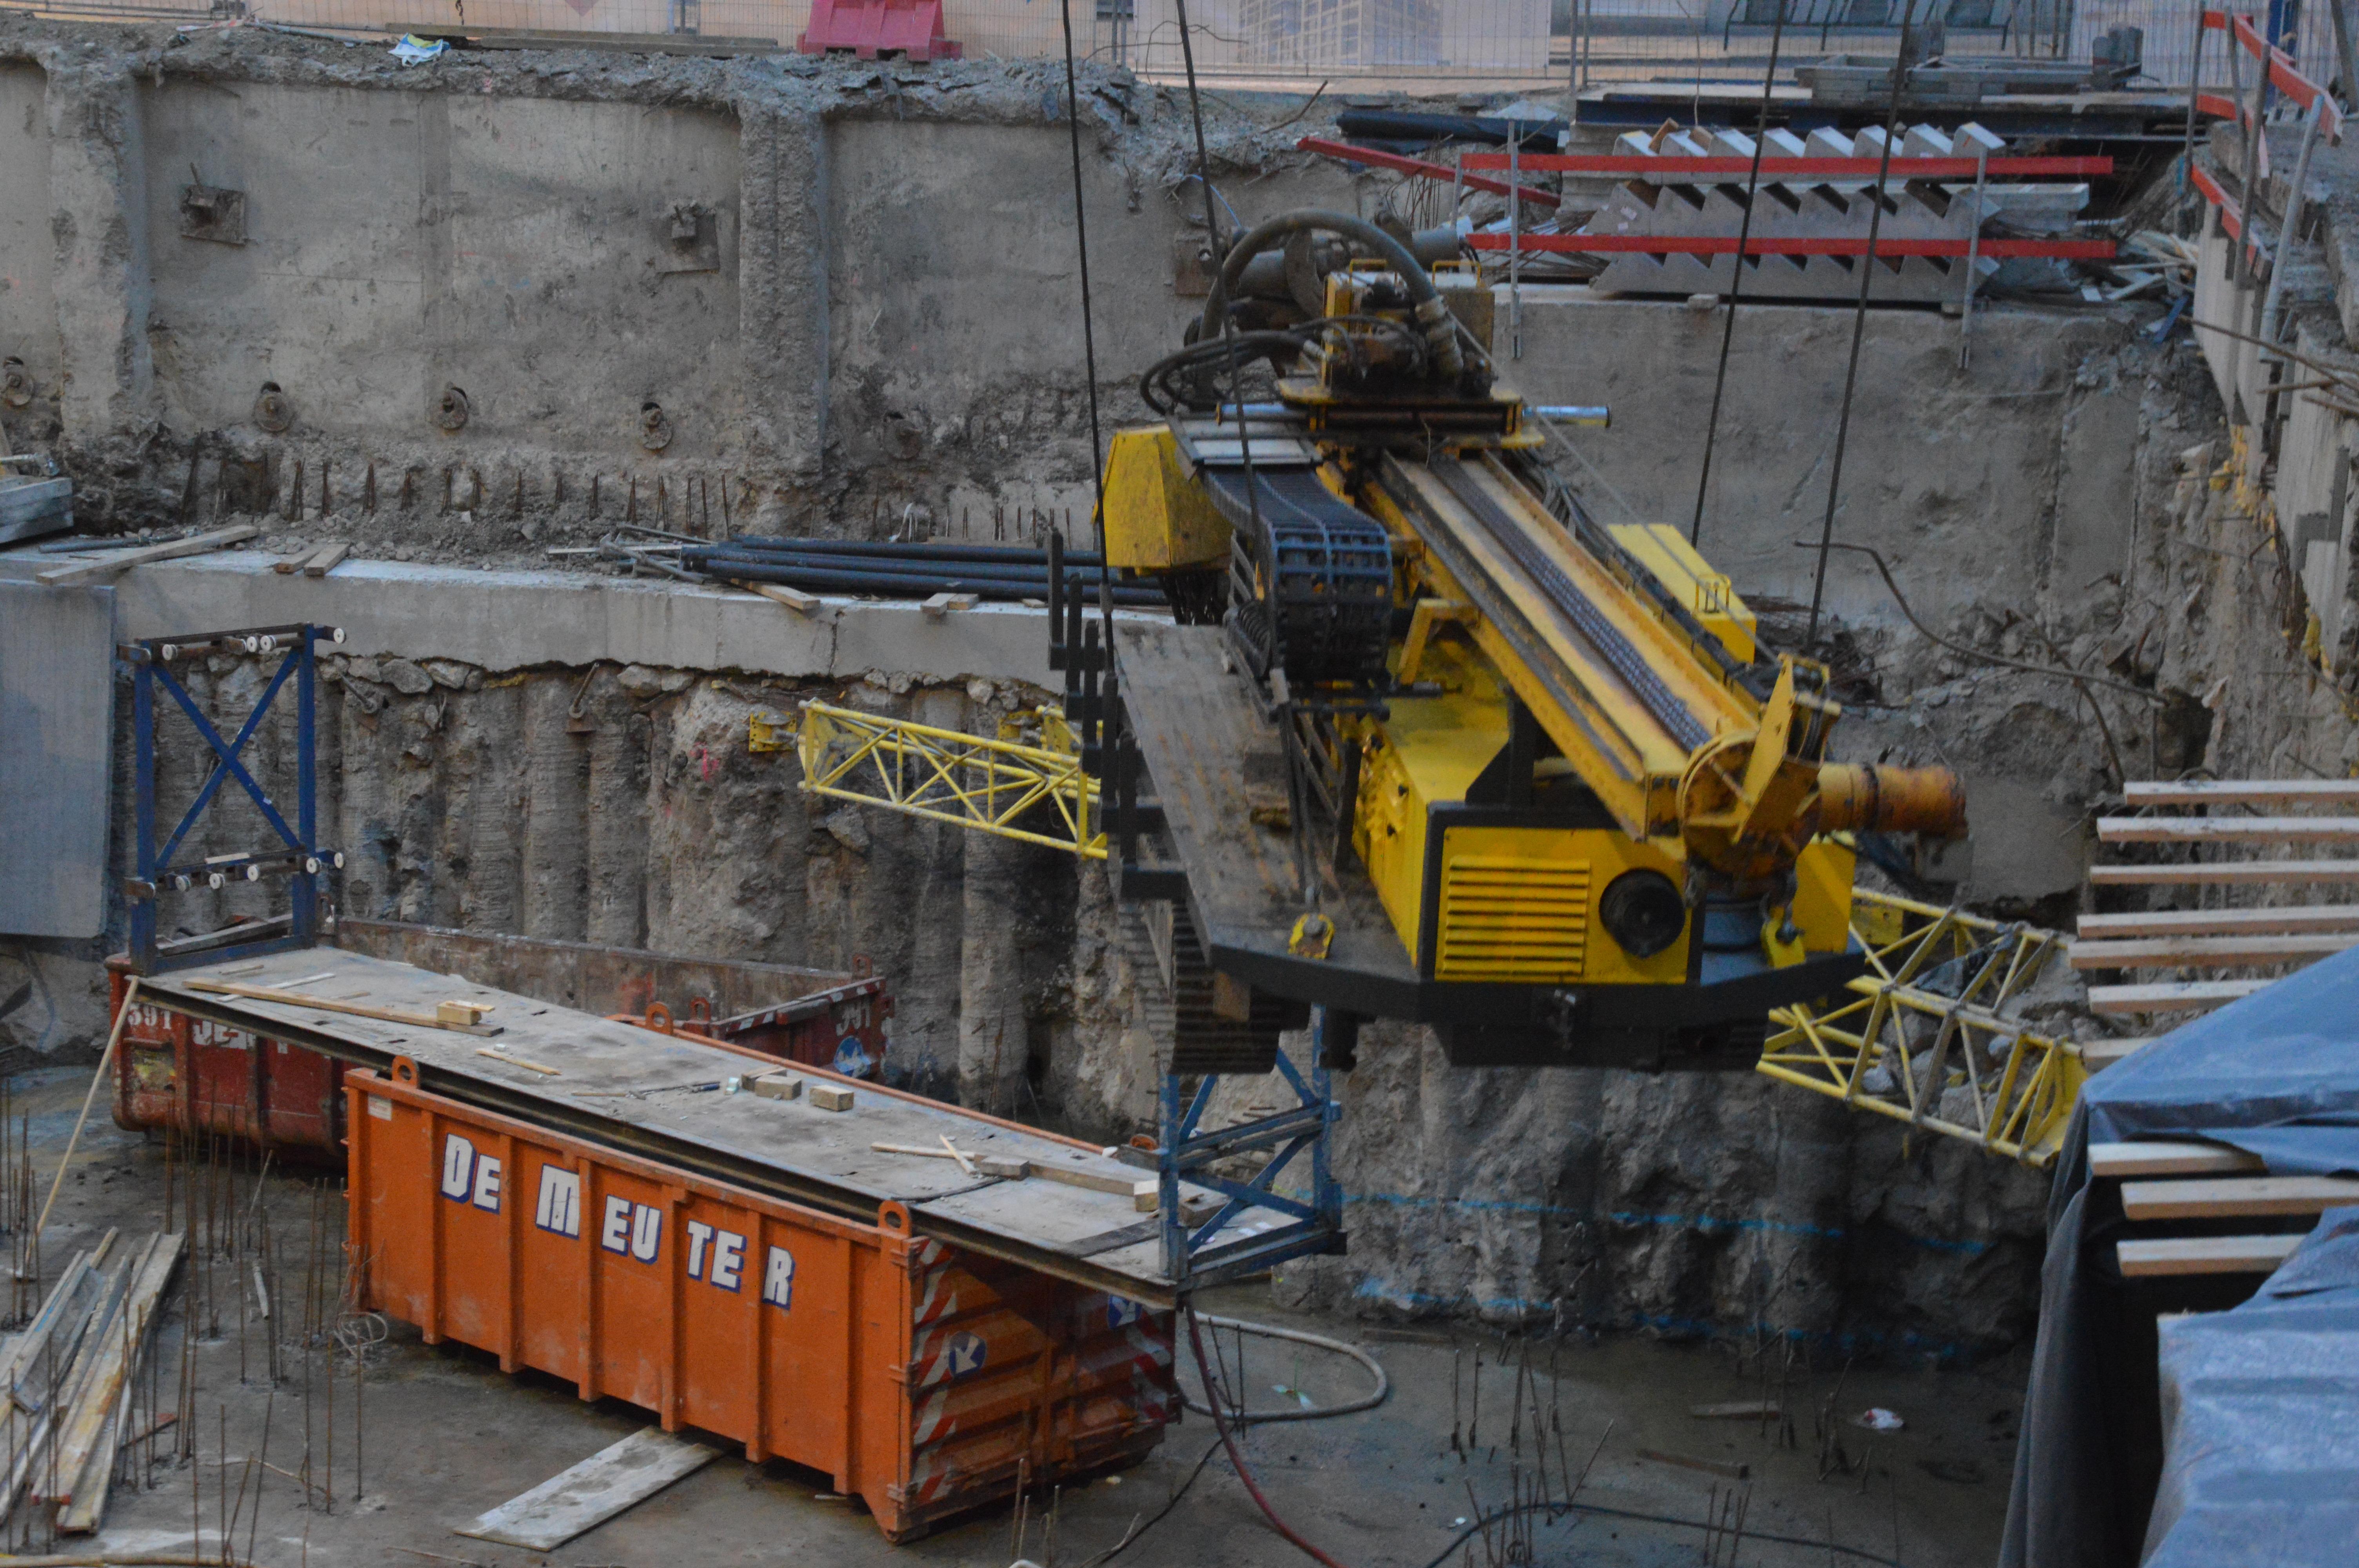 chantier-bruxelles-centre-forage-installation-pompe-puits-geothermie-eurodrill-liege-belgique-27